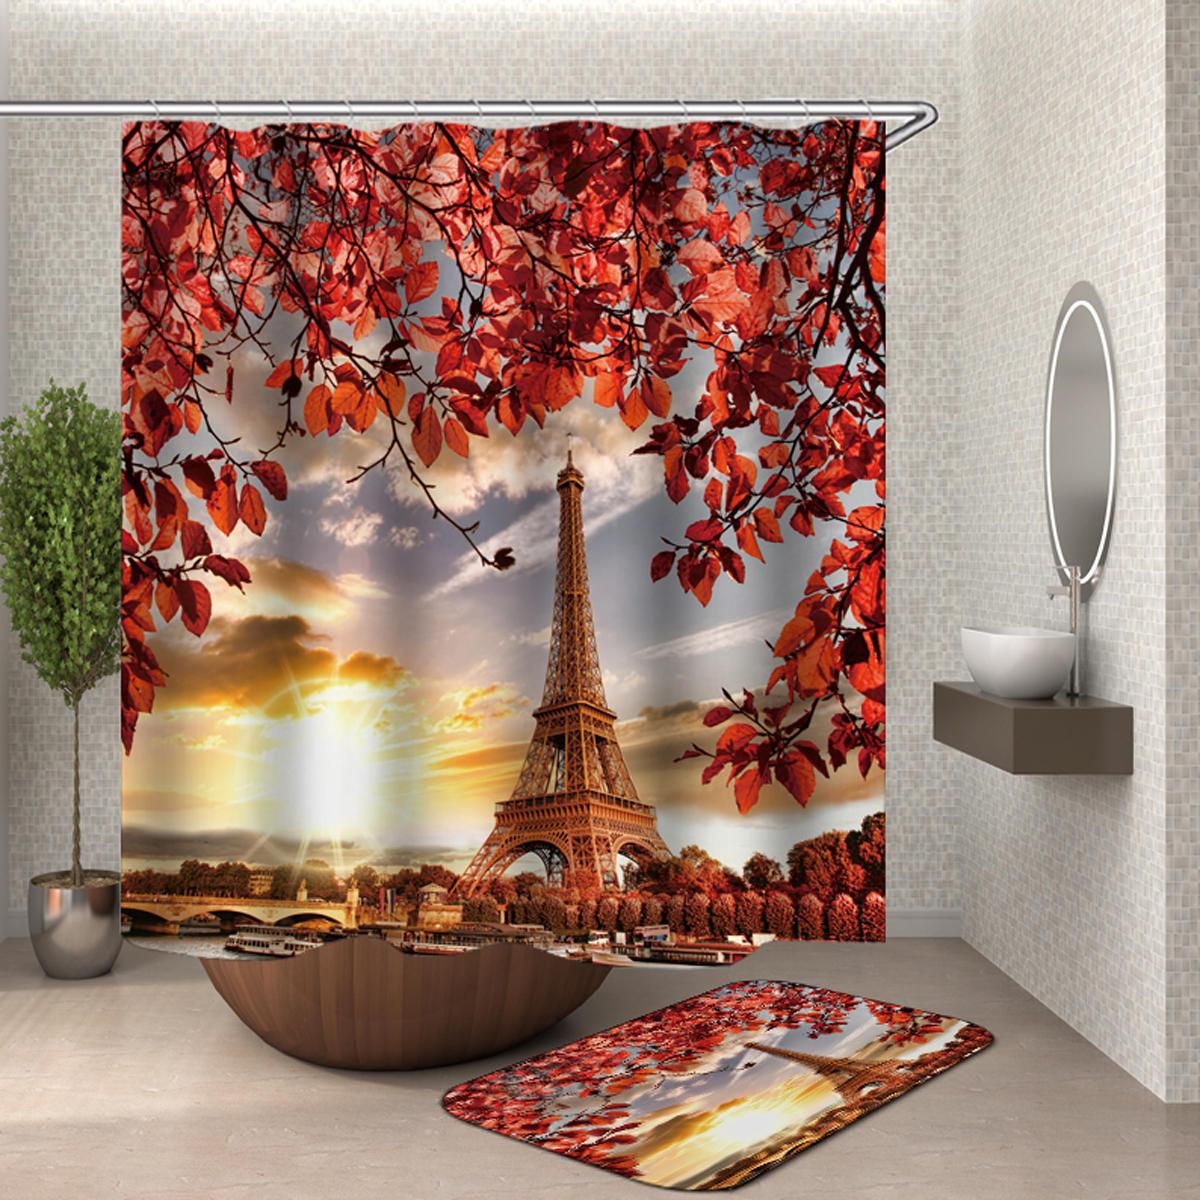 3D Tree and Eiffel Tower Dusk Impreso Cuarto de baño Impermeable Cortina de ducha Alfombras de baño antideslizantes Alfombras Alfombras de pedestal Cubierta del asiento del inodoro - 2